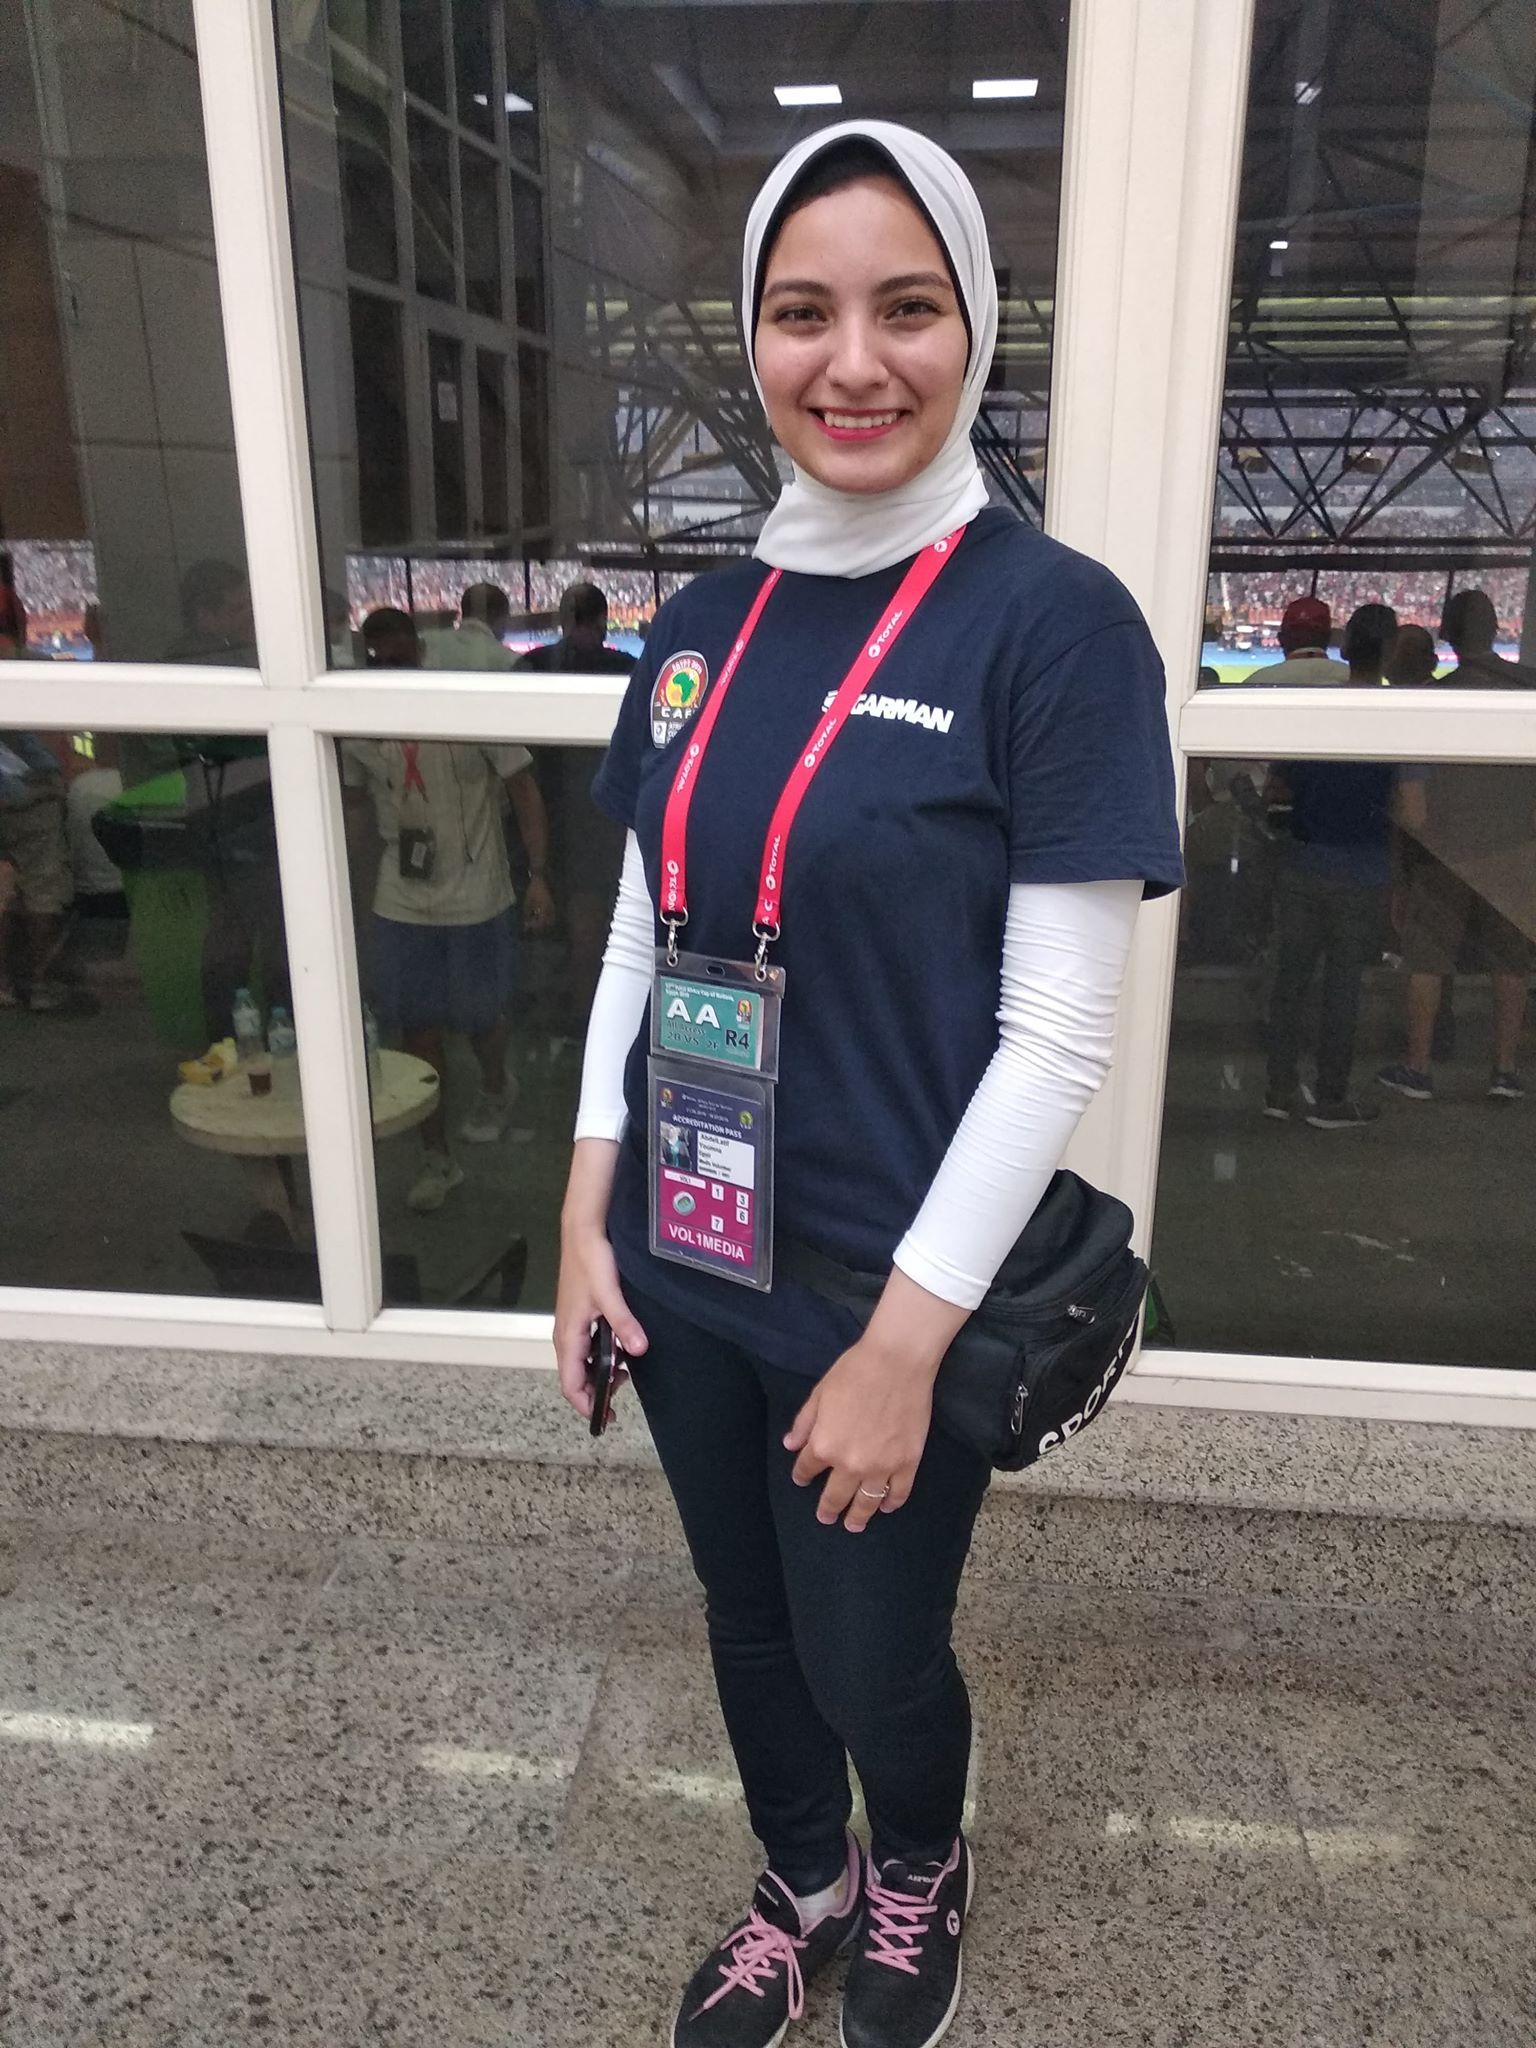 يمنى شريف محمد إحدى المتطوعات في بطولة توتال كأس الأمم الأفريقية مصر 2019